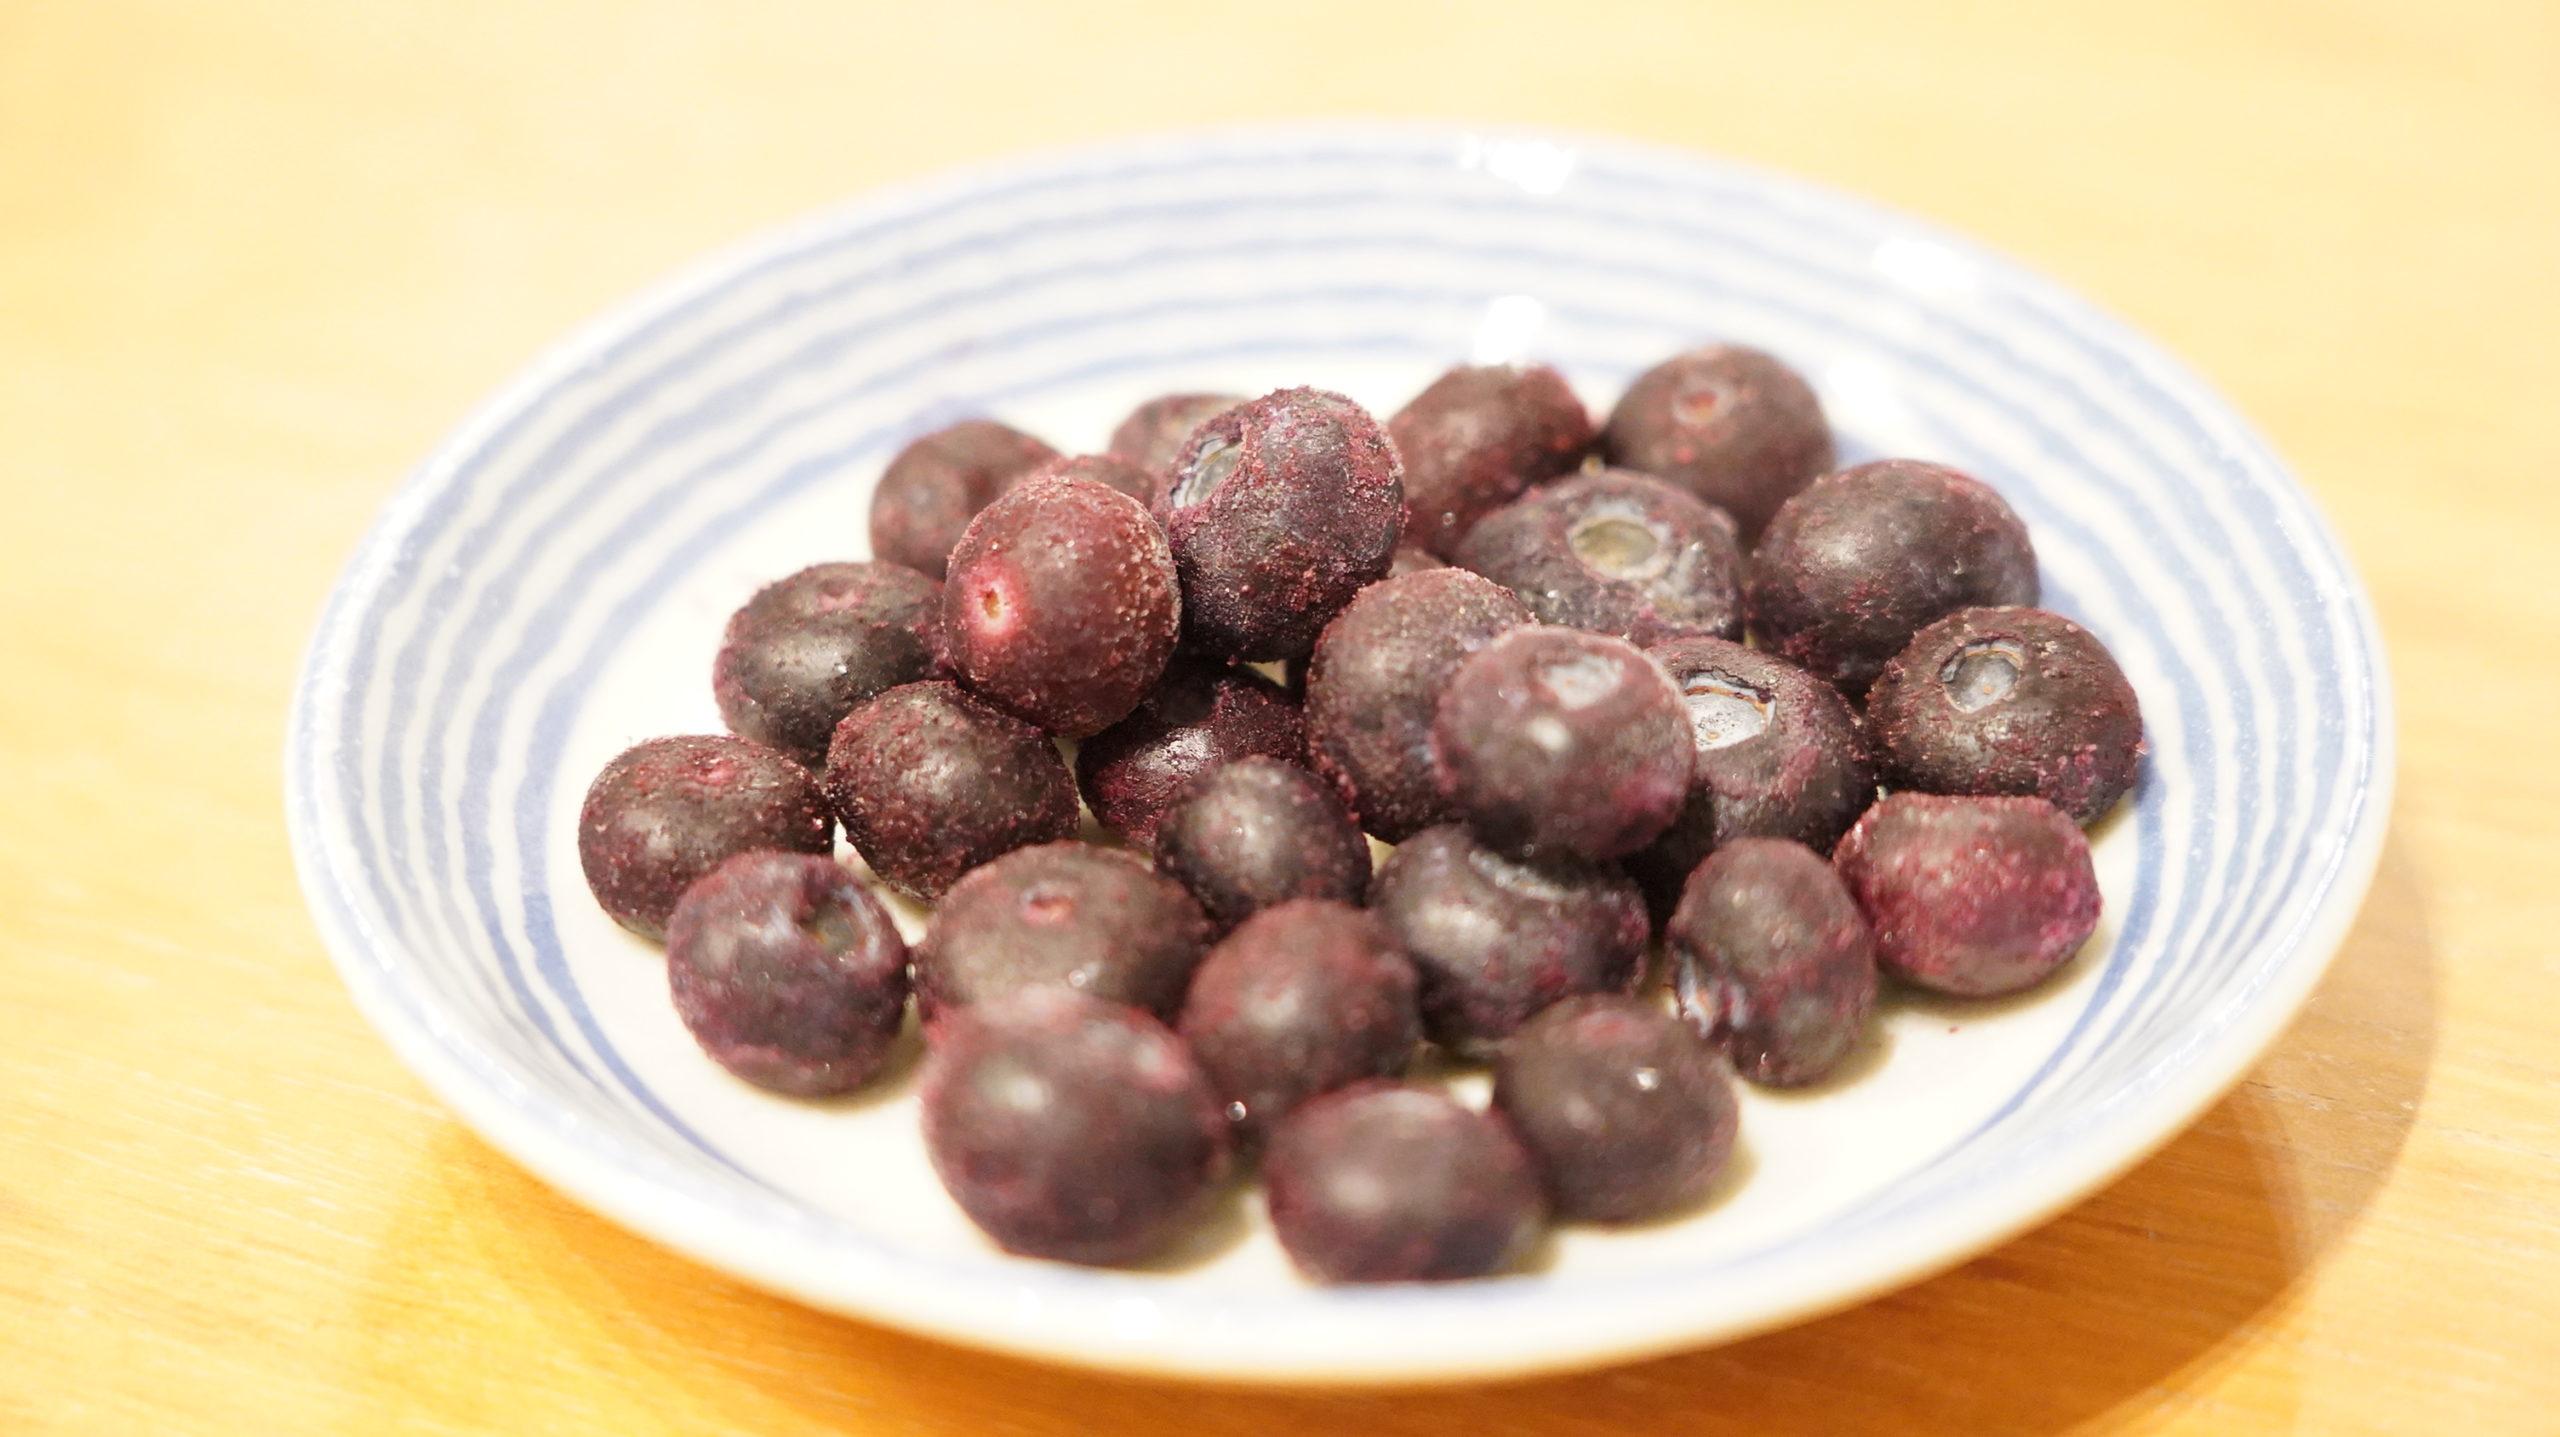 セブンイレブンの冷凍食品「ほどよい香りと酸味・ブルーベリー」の中身の写真